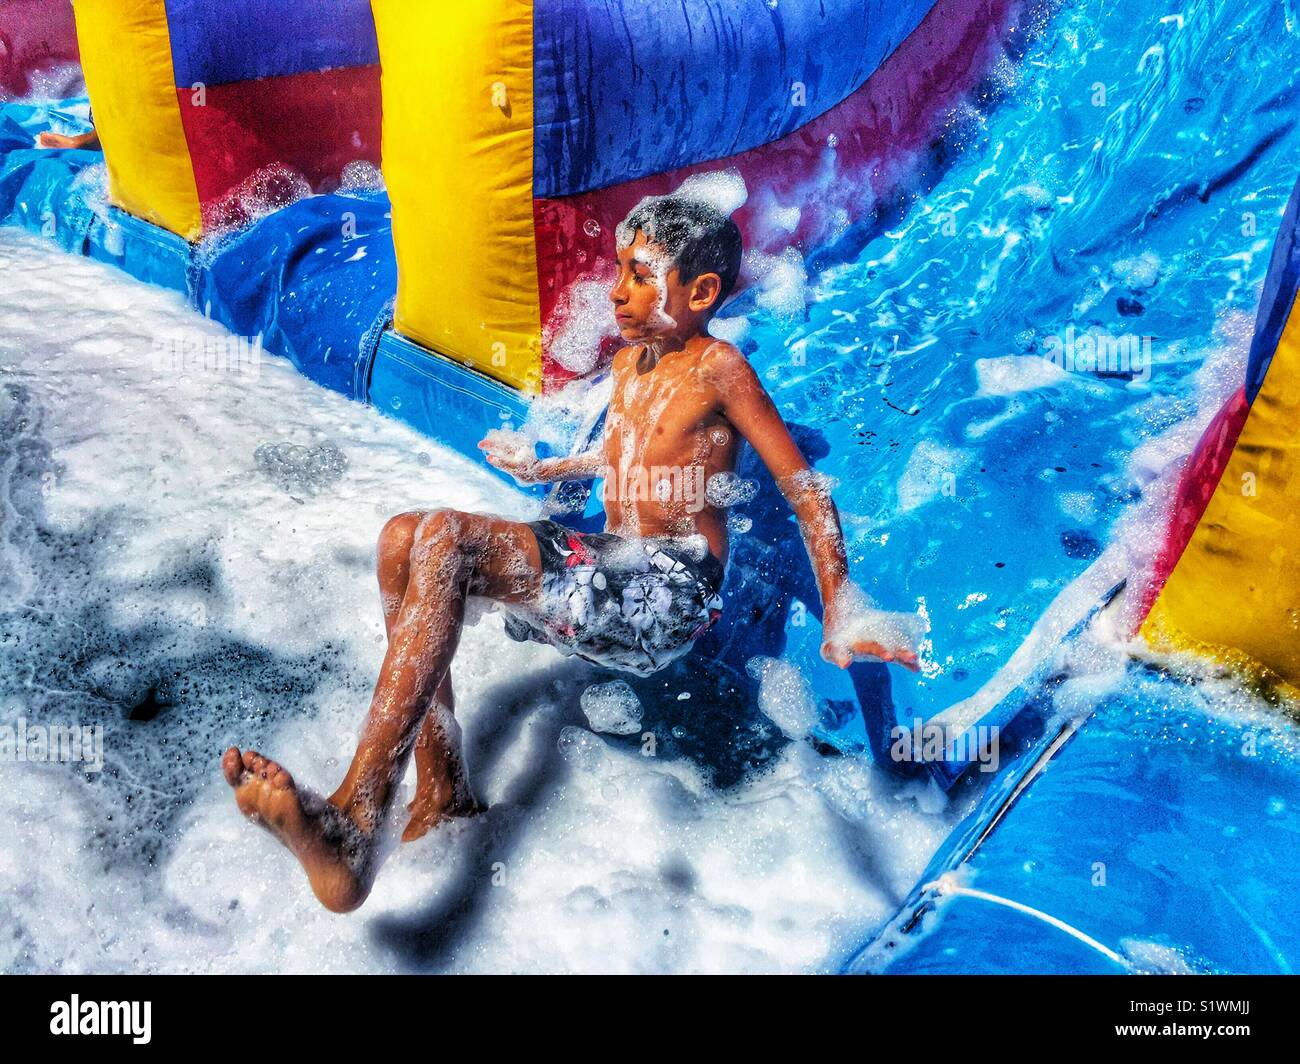 Junge rutschen Wasserrutsche mit Seife Stockbild